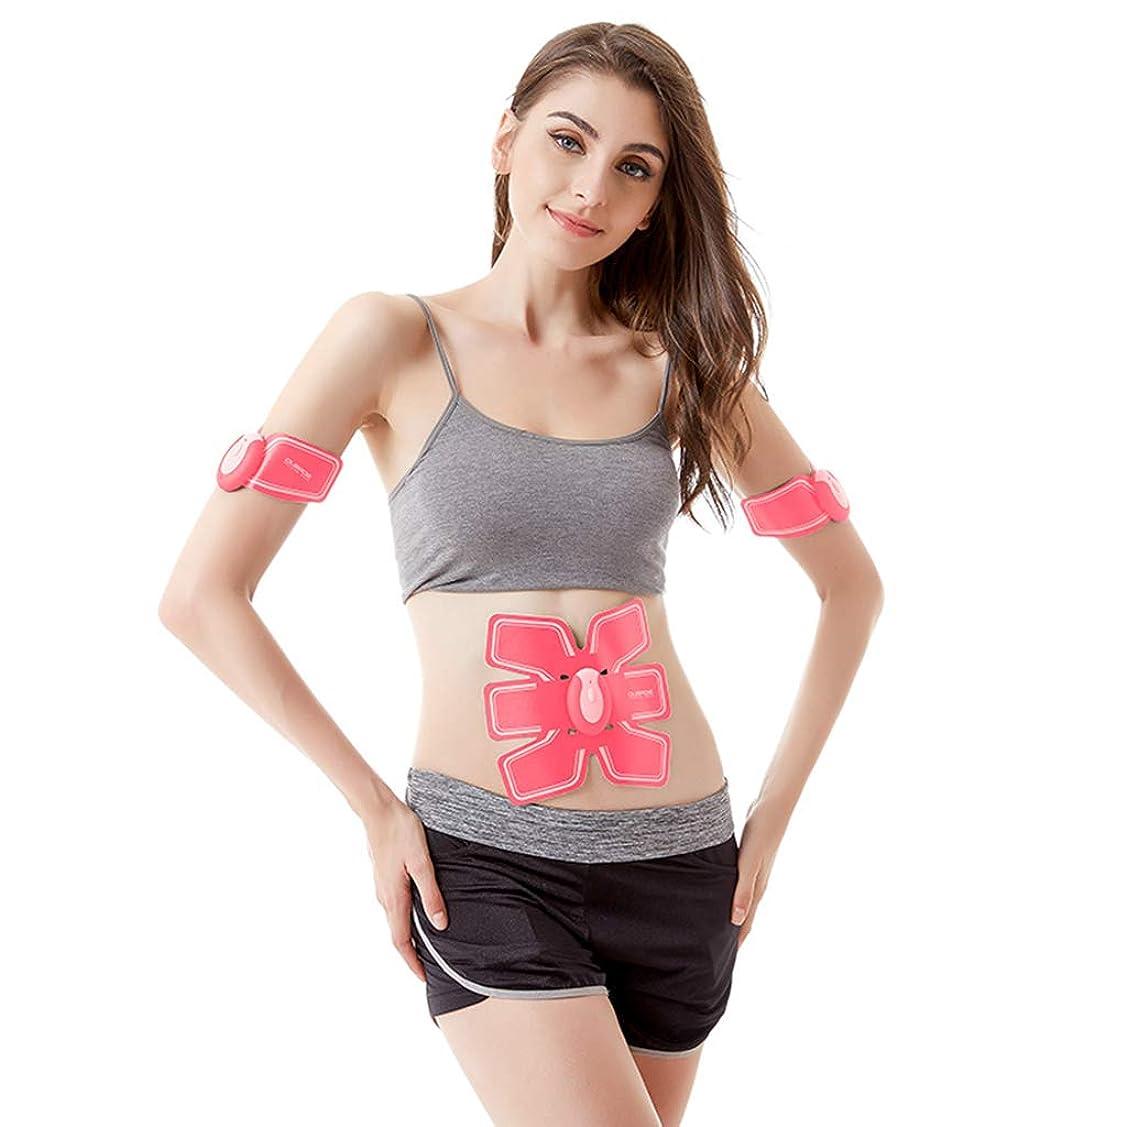 腹部の調子を整えるベルト、腹部の筋肉フィットネスベルトのホームオフィスの腹部筋肉トレーナーの女性スマートフィットネス器械筋肉腹部トレーナーボディービルの腹ベルト (Color : PINK, Size : 17.8*15.2CM)